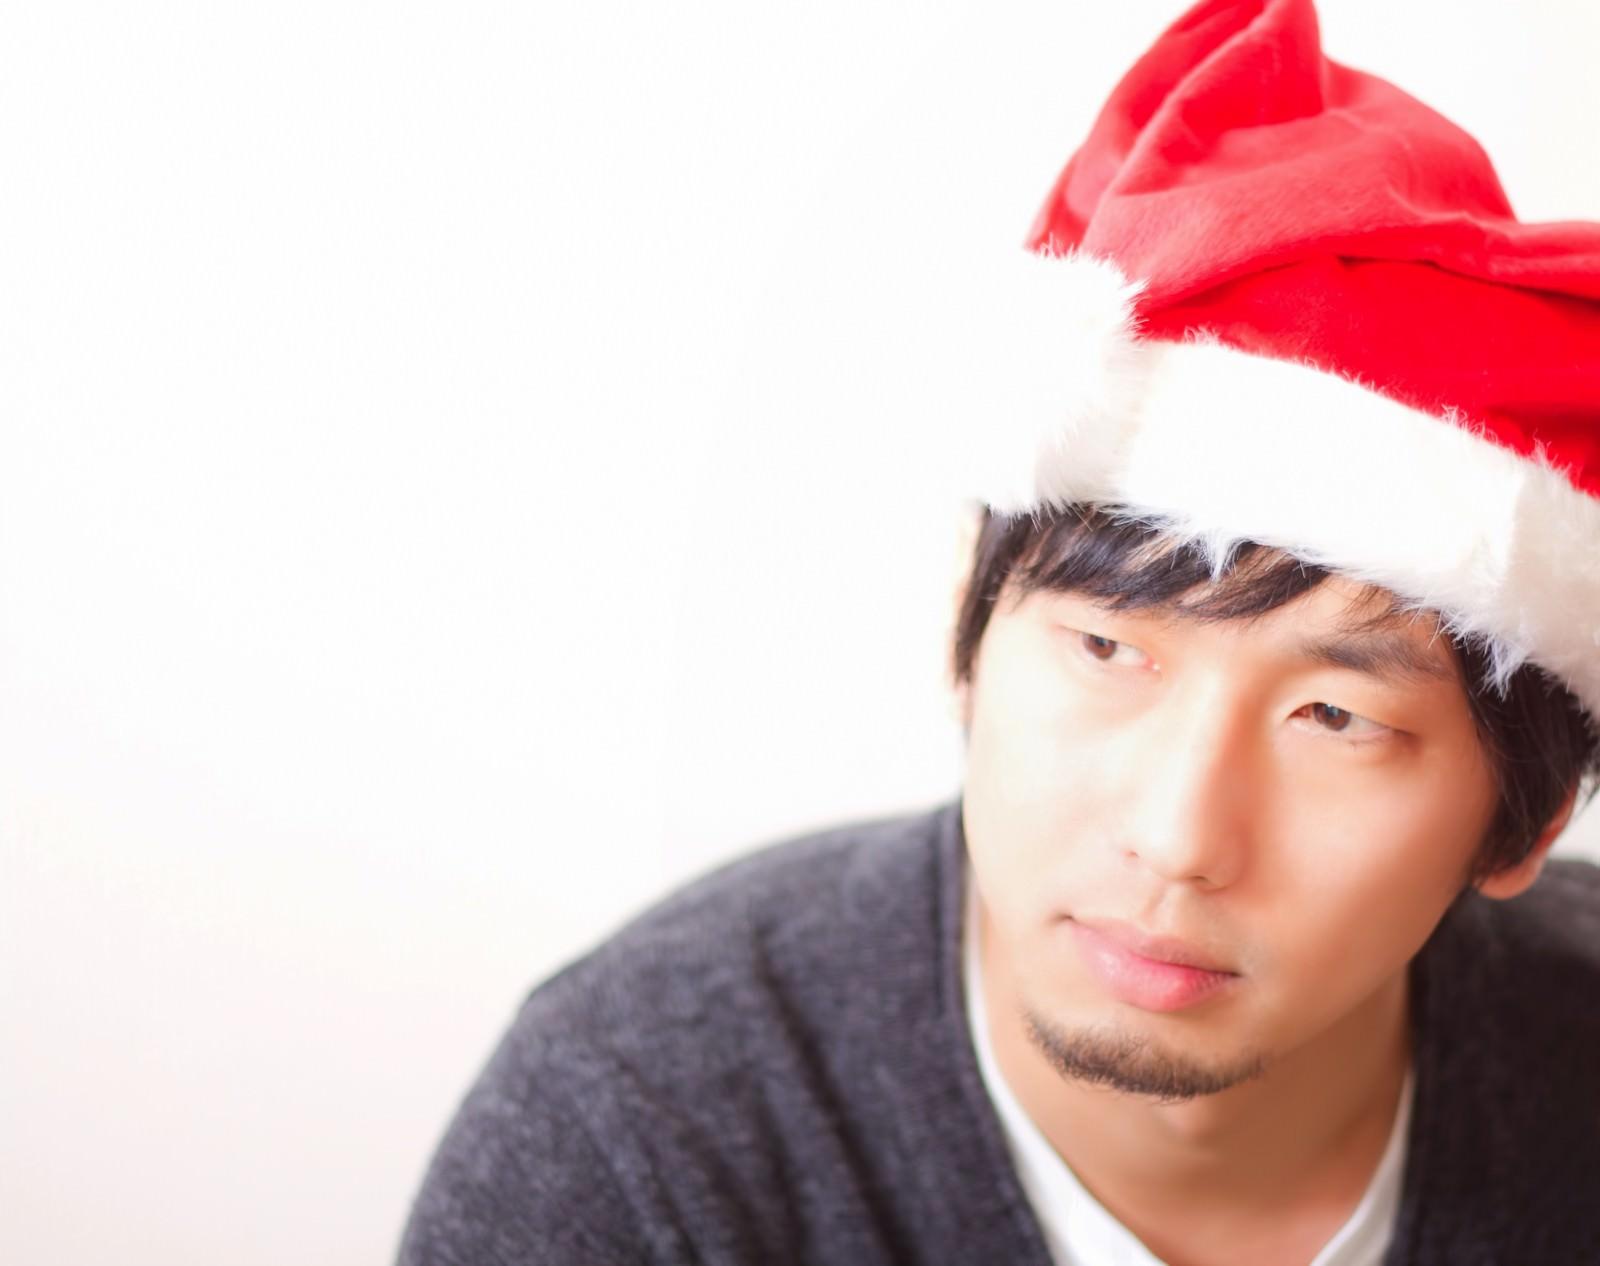 「サンタ帽子をかぶった男性サンタ帽子をかぶった男性」[モデル:大川竜弥]のフリー写真素材を拡大